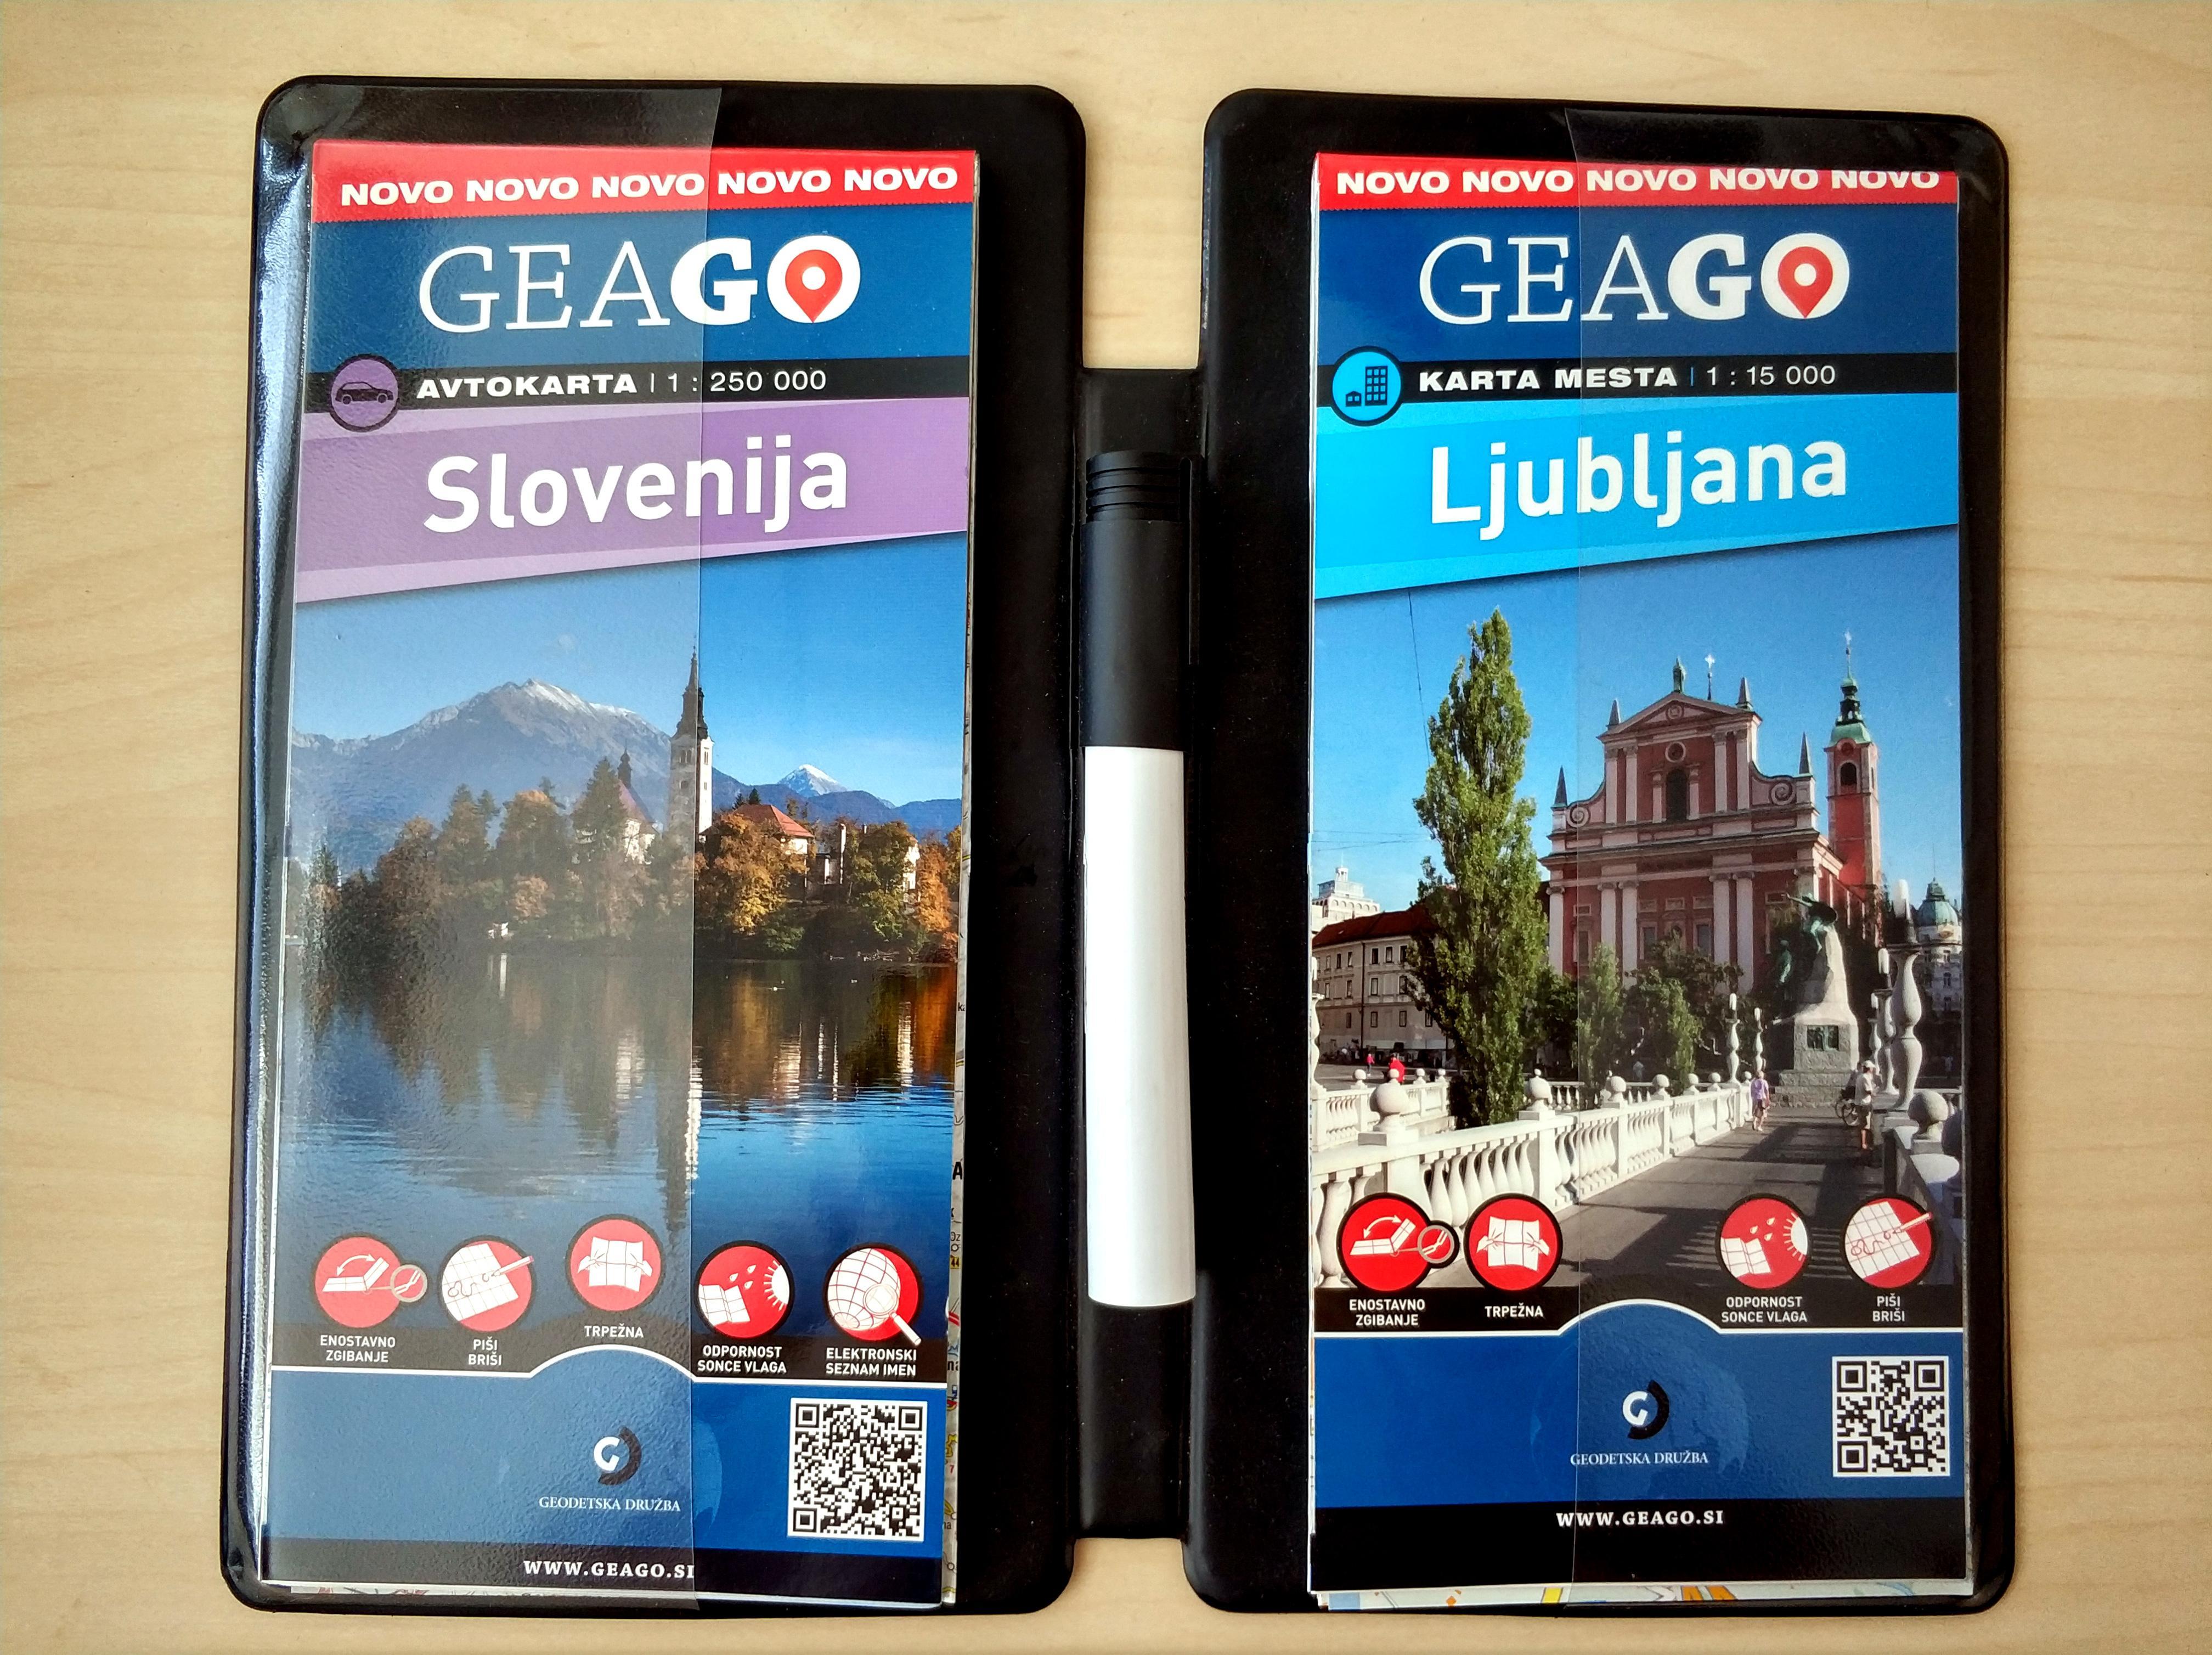 Komplet zemljevidov Slovenija in Ljubljana v priročnem plastičnem, trdem ovitku